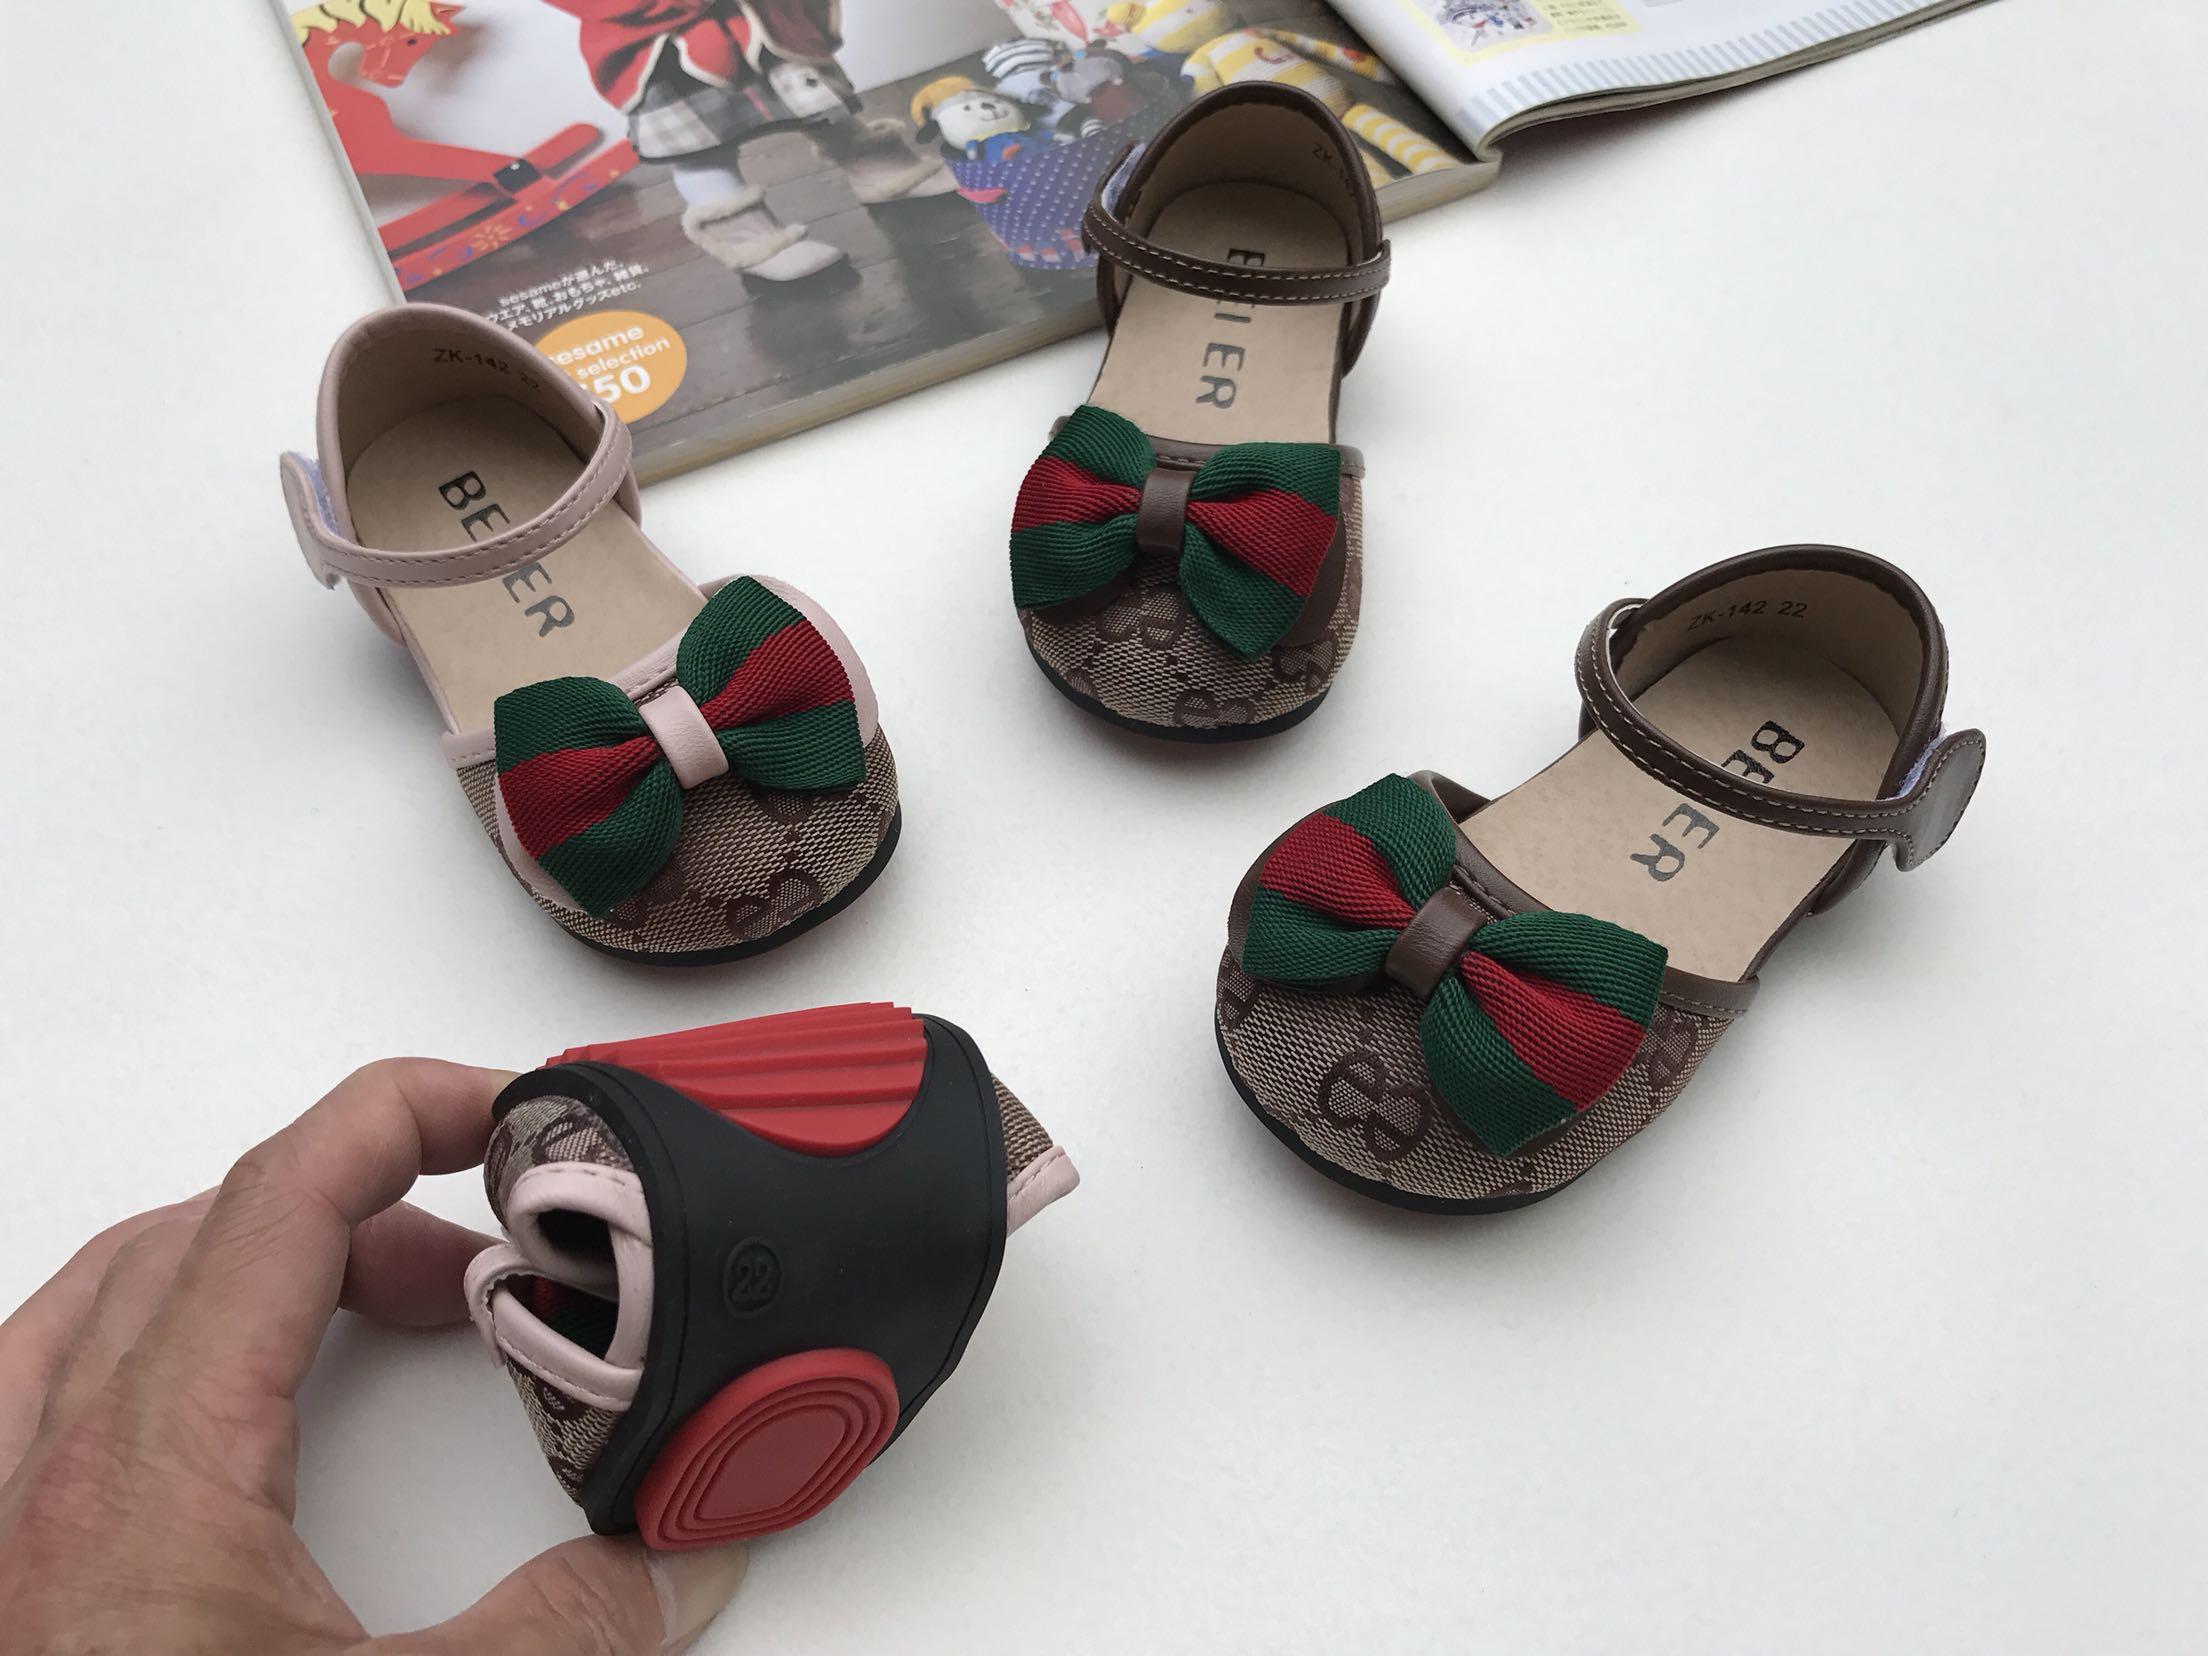 儿童半凉鞋2021女童公主鞋单鞋韩版蝴蝶结装饰防滑底宝宝学步鞋潮